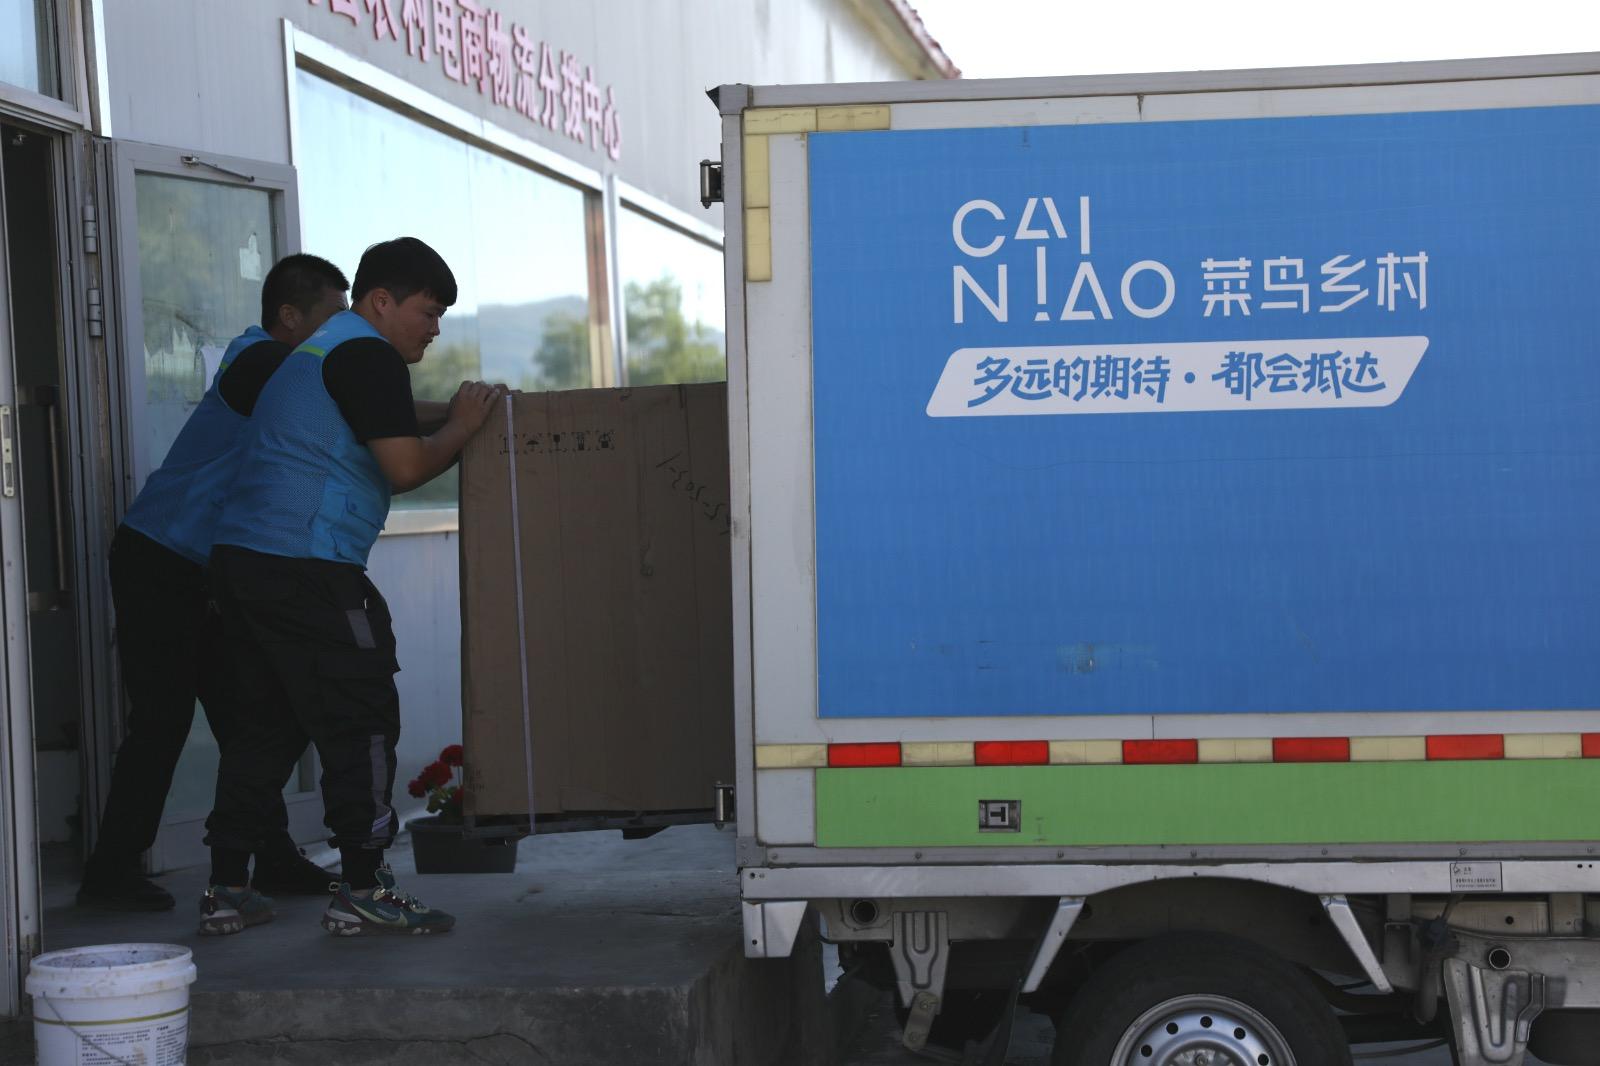 菜鸟发布2018农村物流报告 月送百万农资农具下乡